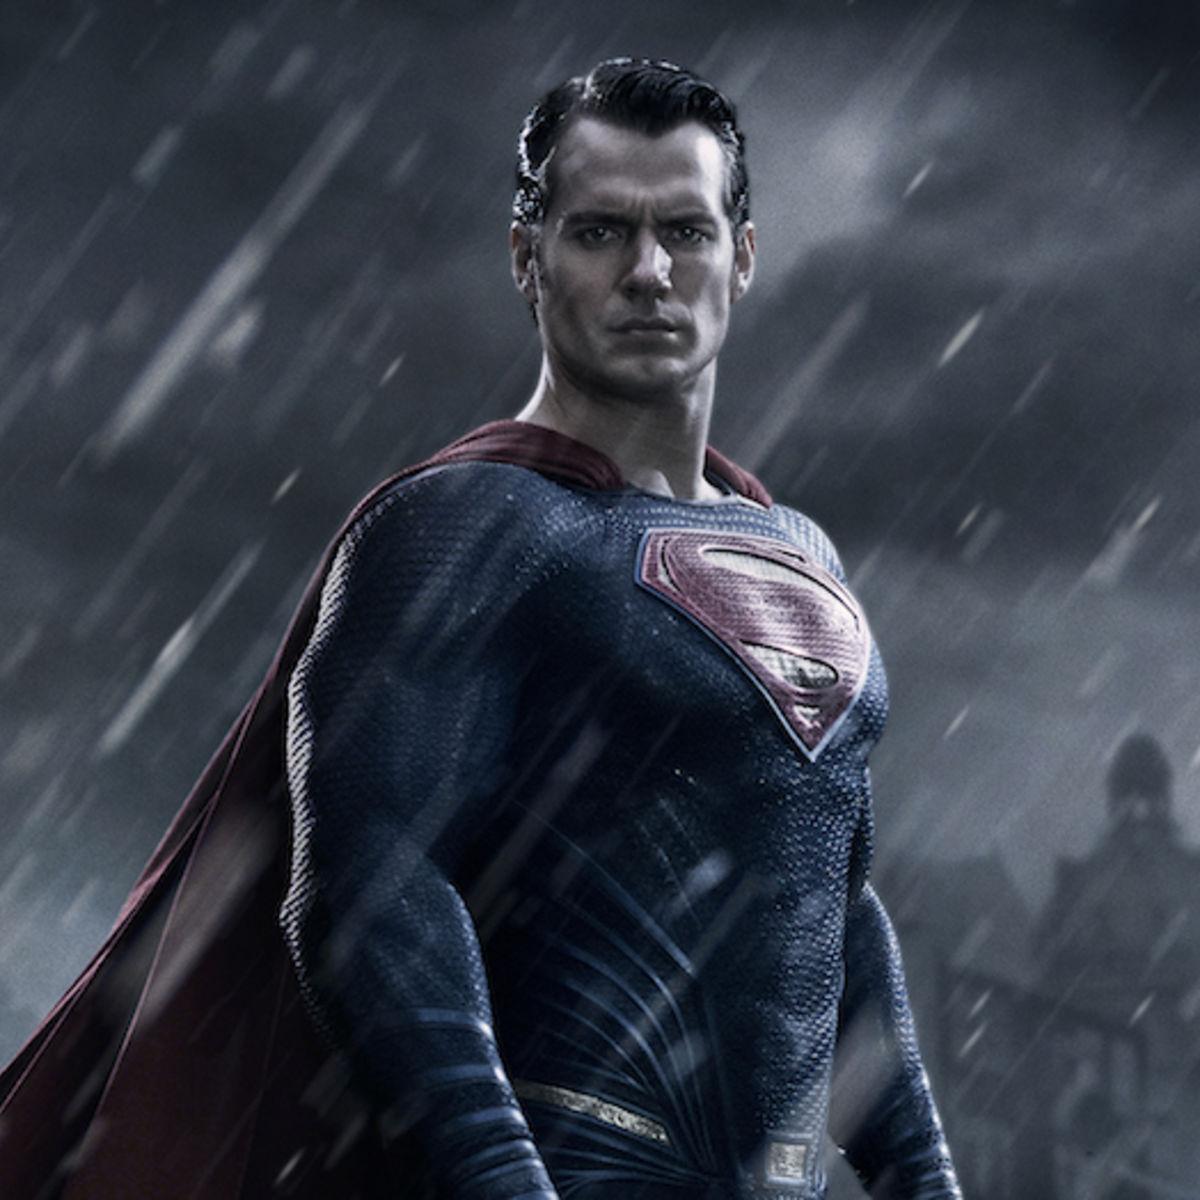 Superman-Henry-Cavill-in-Batman-V-Superman-Dawn-of-Justice.jpg